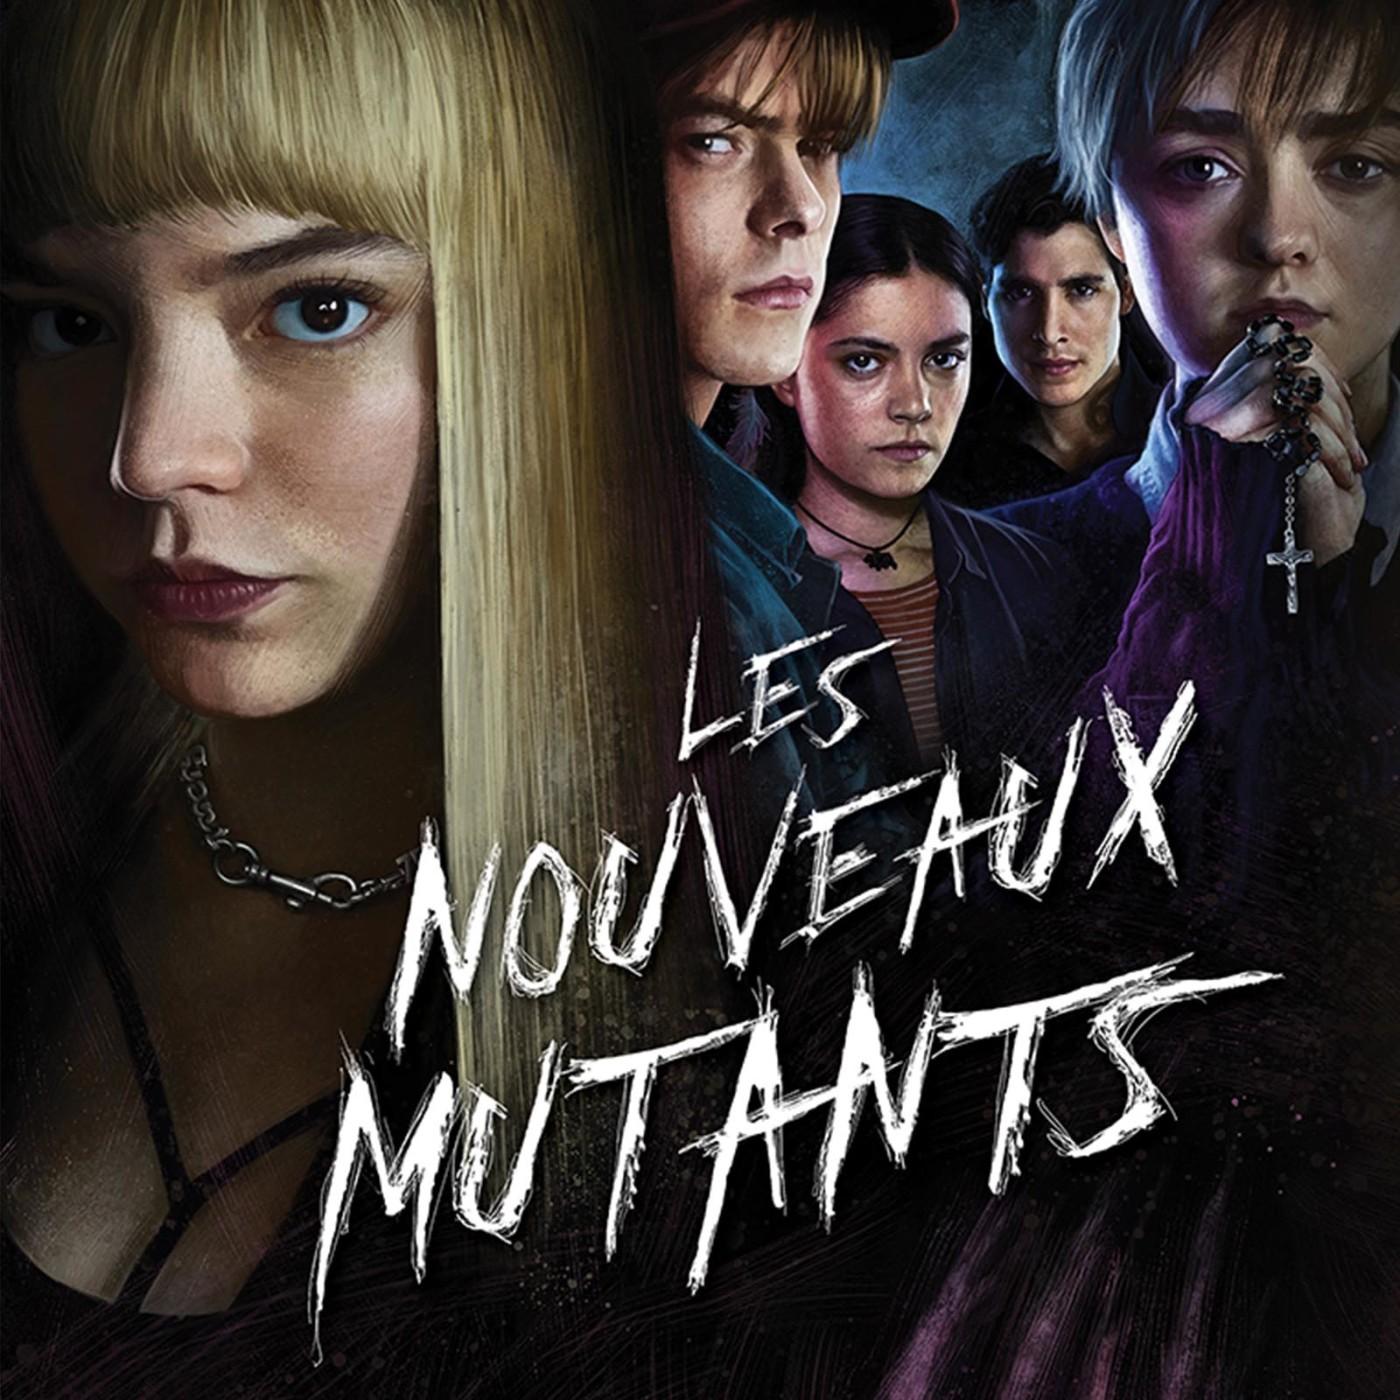 Les nouveaux mutants : L'horreur chez Marvel